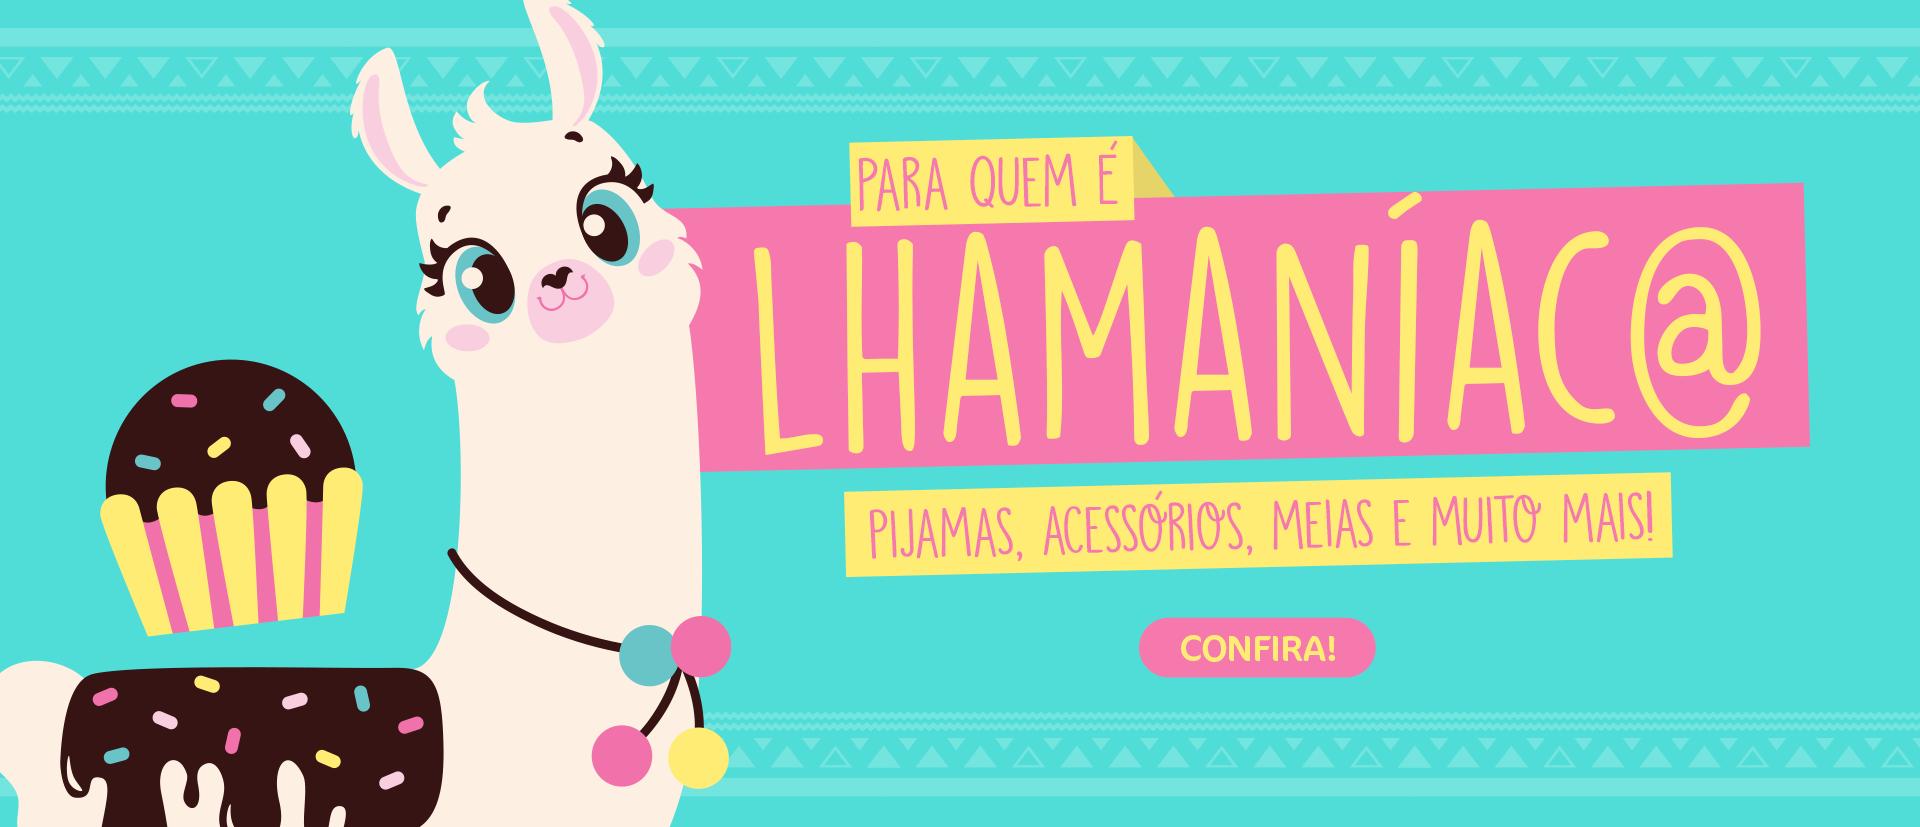 BF-lhama